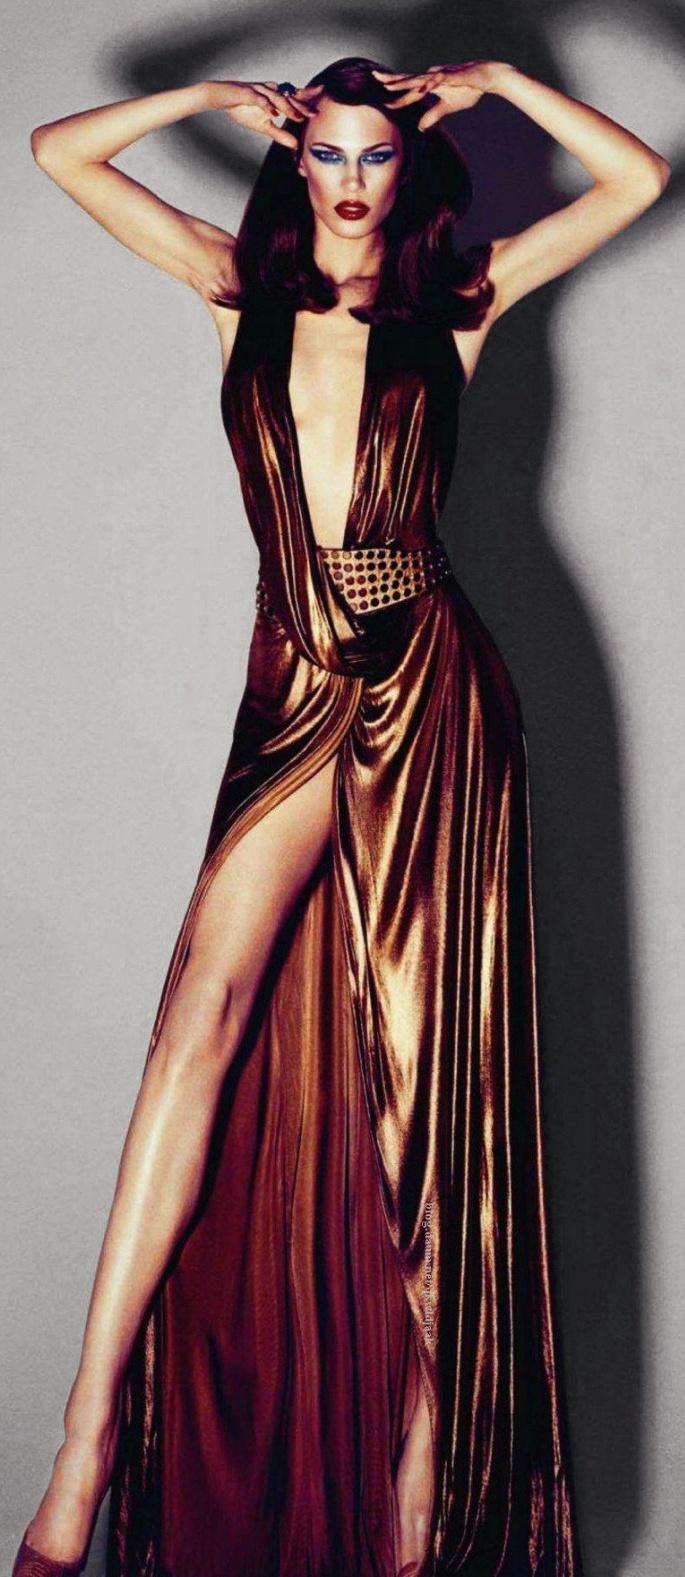 Aymeline Valade in Gucci for Harper's Bazaar Spain October 2011